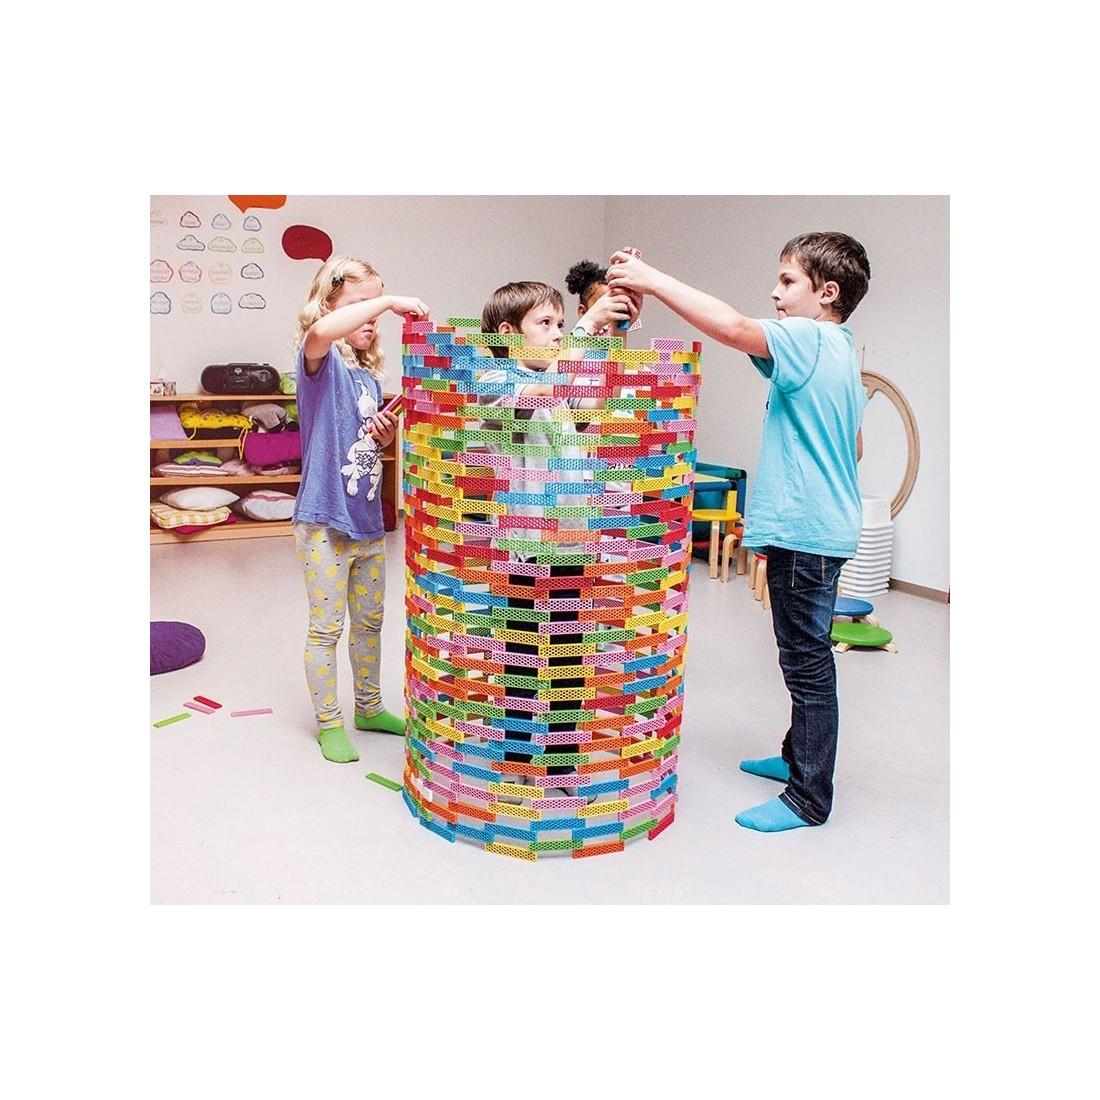 c3dee62065342 Toscana - HoldemShop.pl - Akcesoria do gier towarzyskich i ...